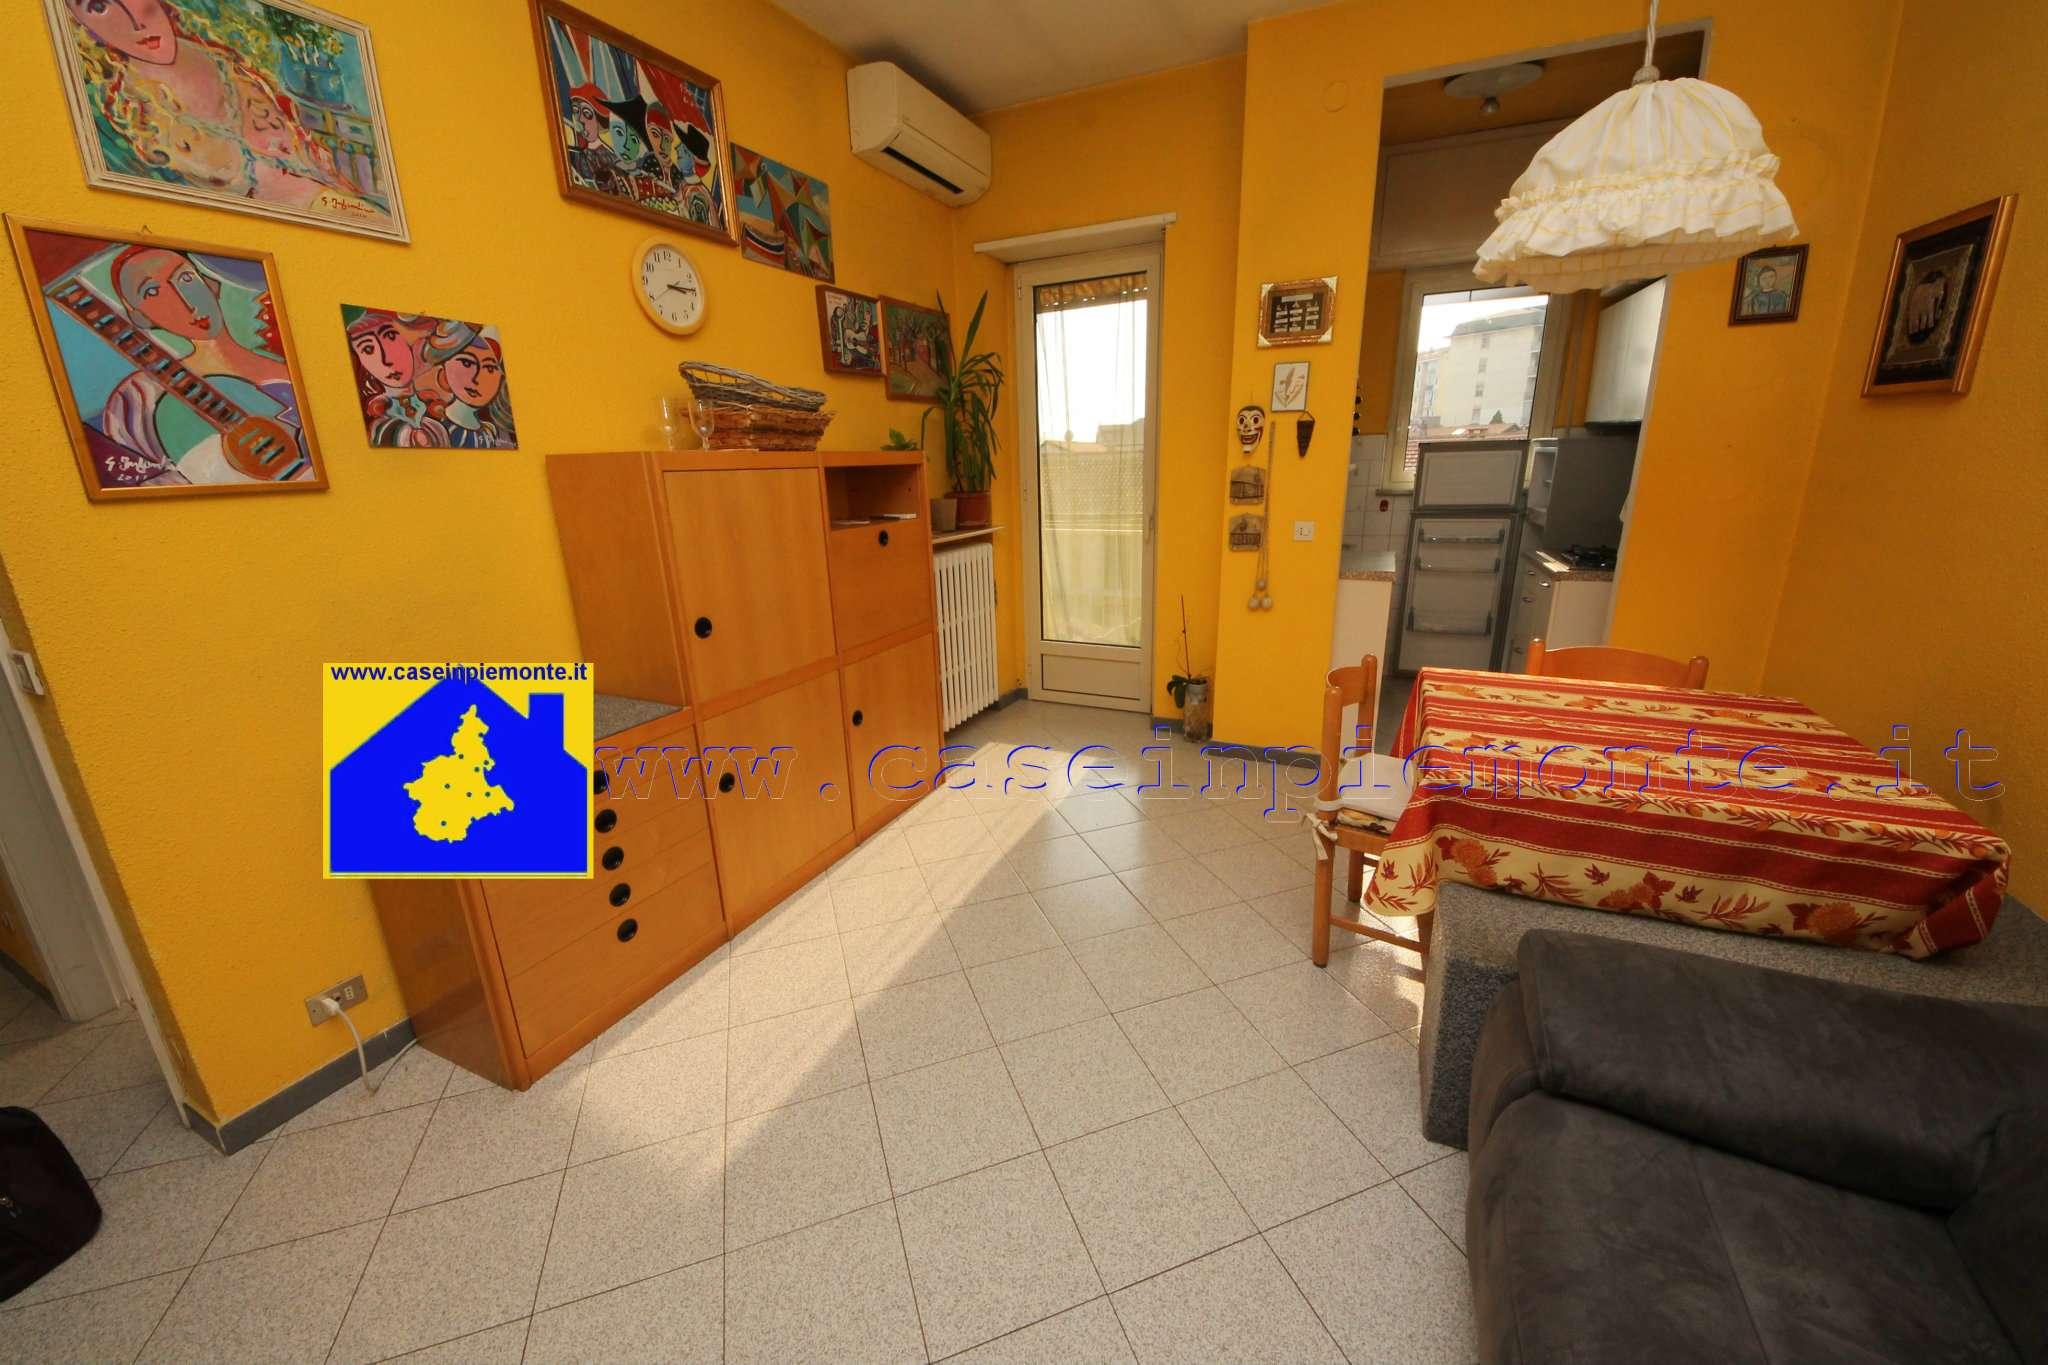 Appartamento in affitto a Rivoli, 2 locali, prezzo € 480   PortaleAgenzieImmobiliari.it